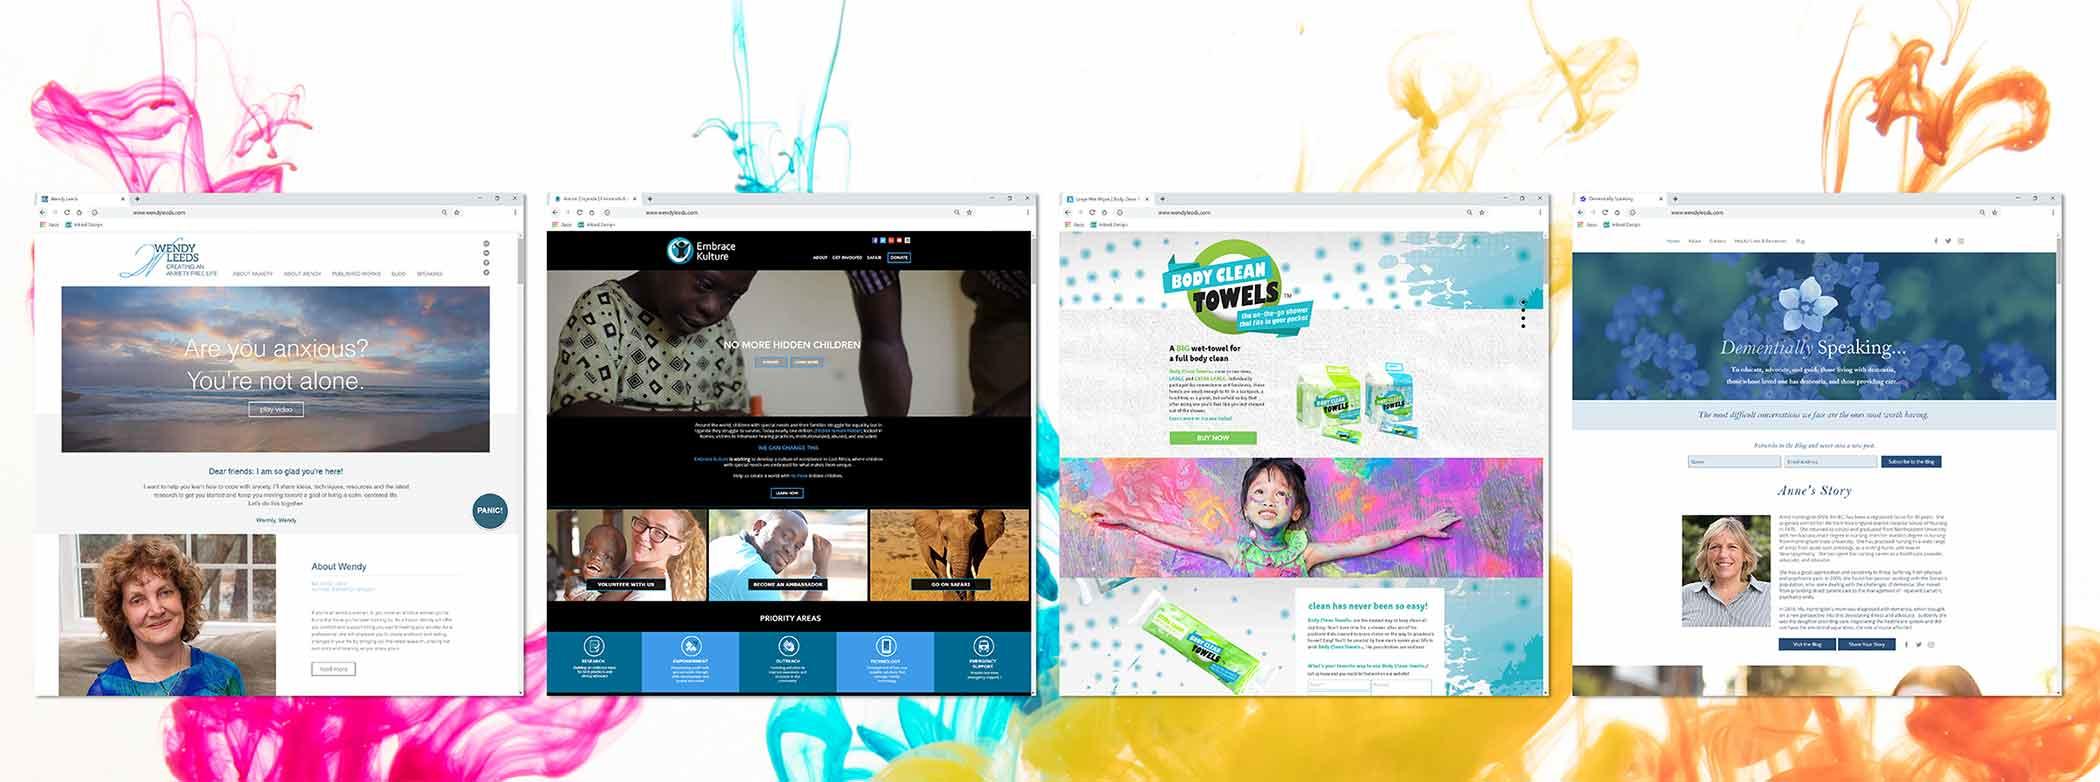 WEBSITES & DIGITAL MARKETING